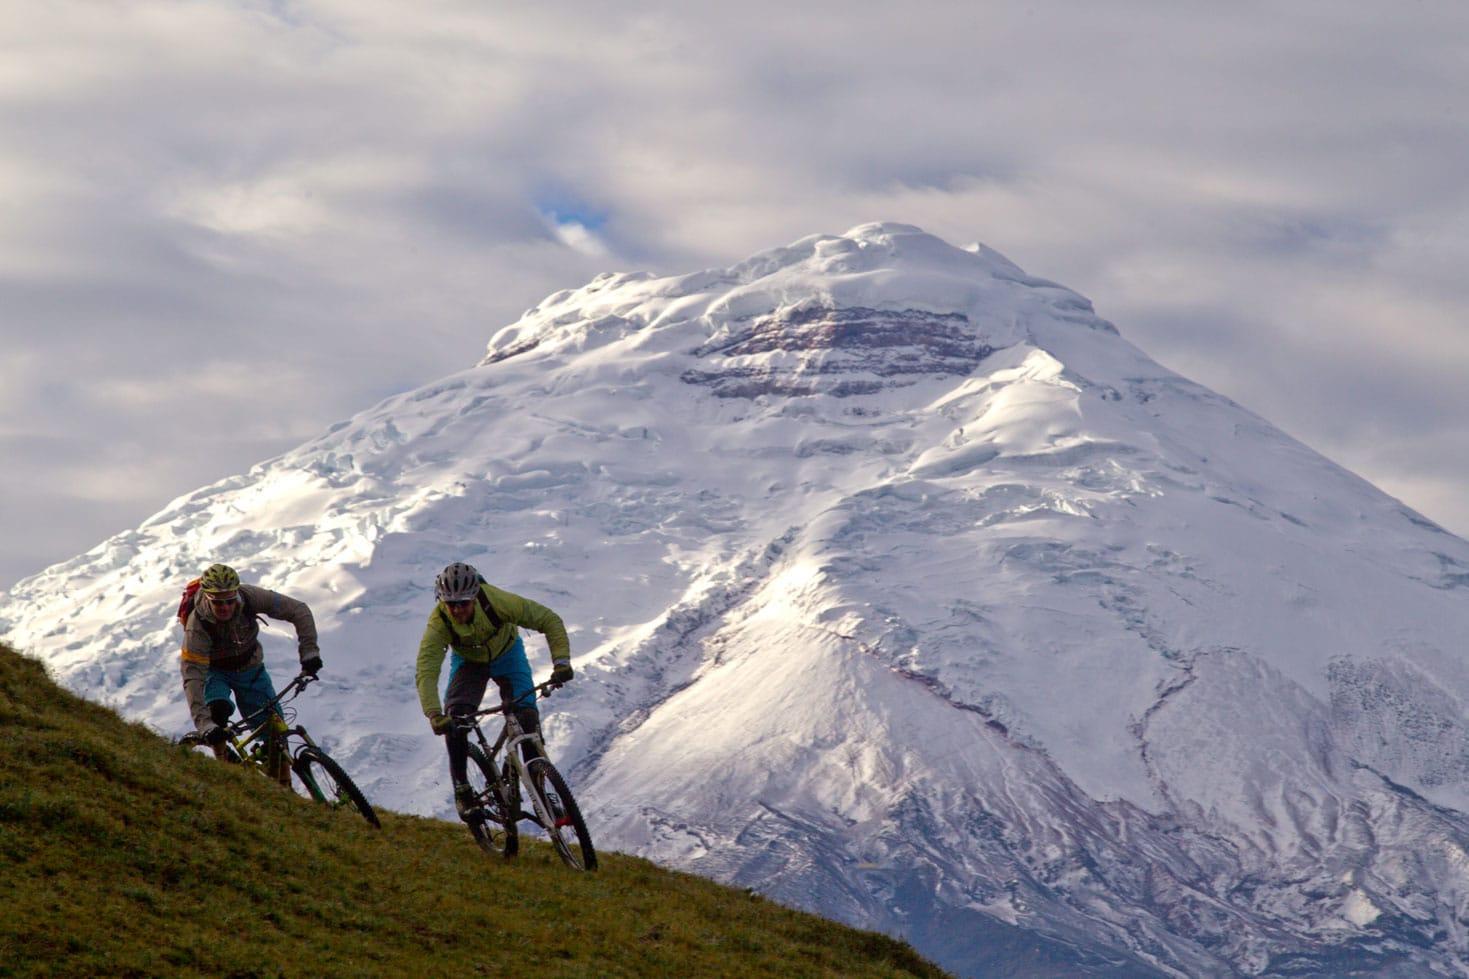 Mountain biking at high altitudes in Ecuador.